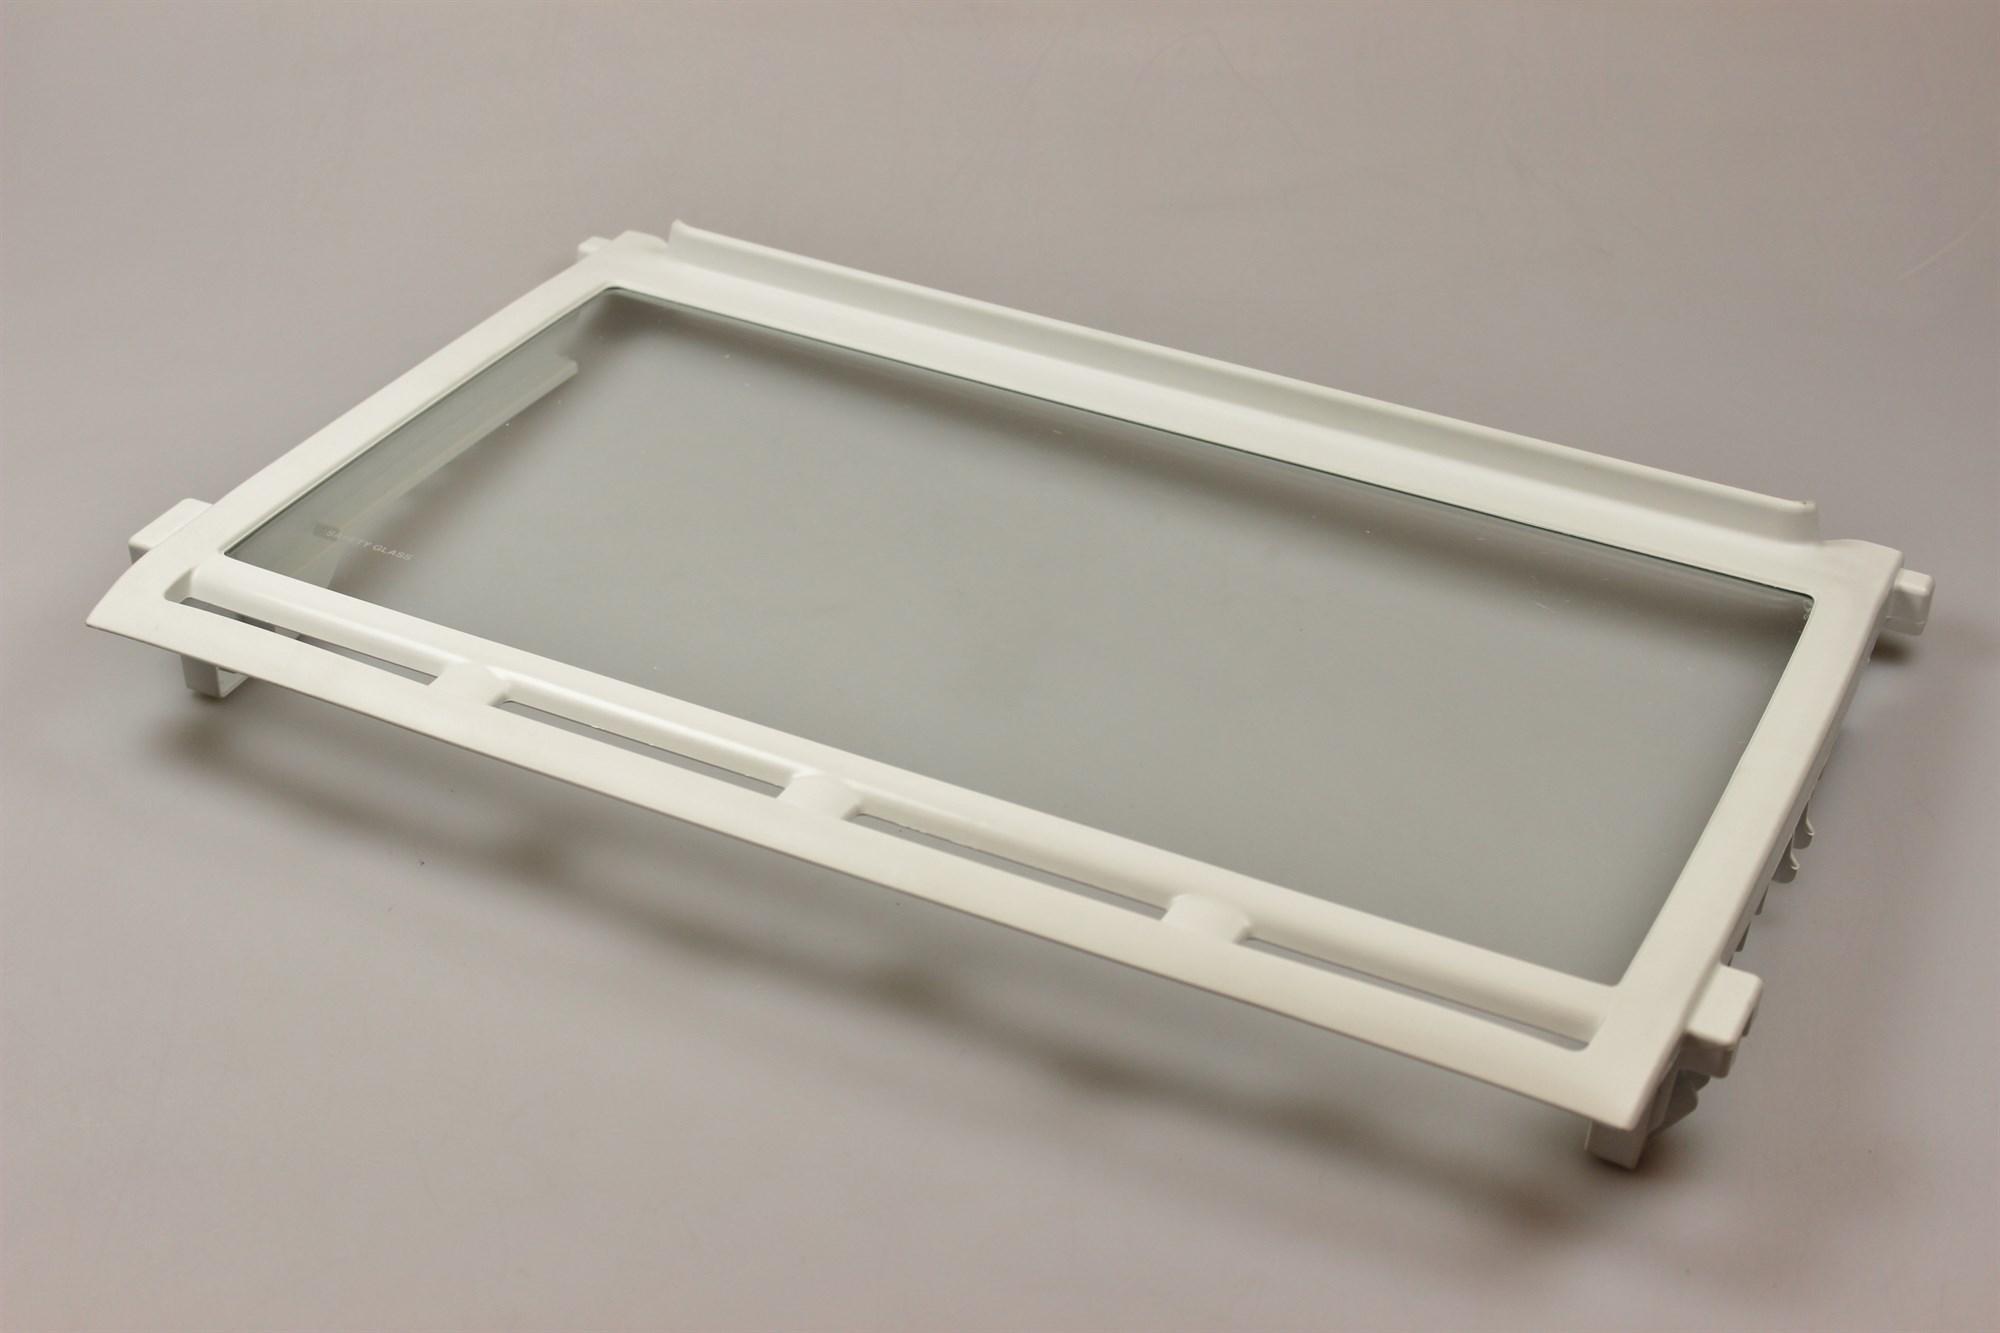 clayette en verre novamatic frigo cong lateur au dessus du bac l gumes. Black Bedroom Furniture Sets. Home Design Ideas